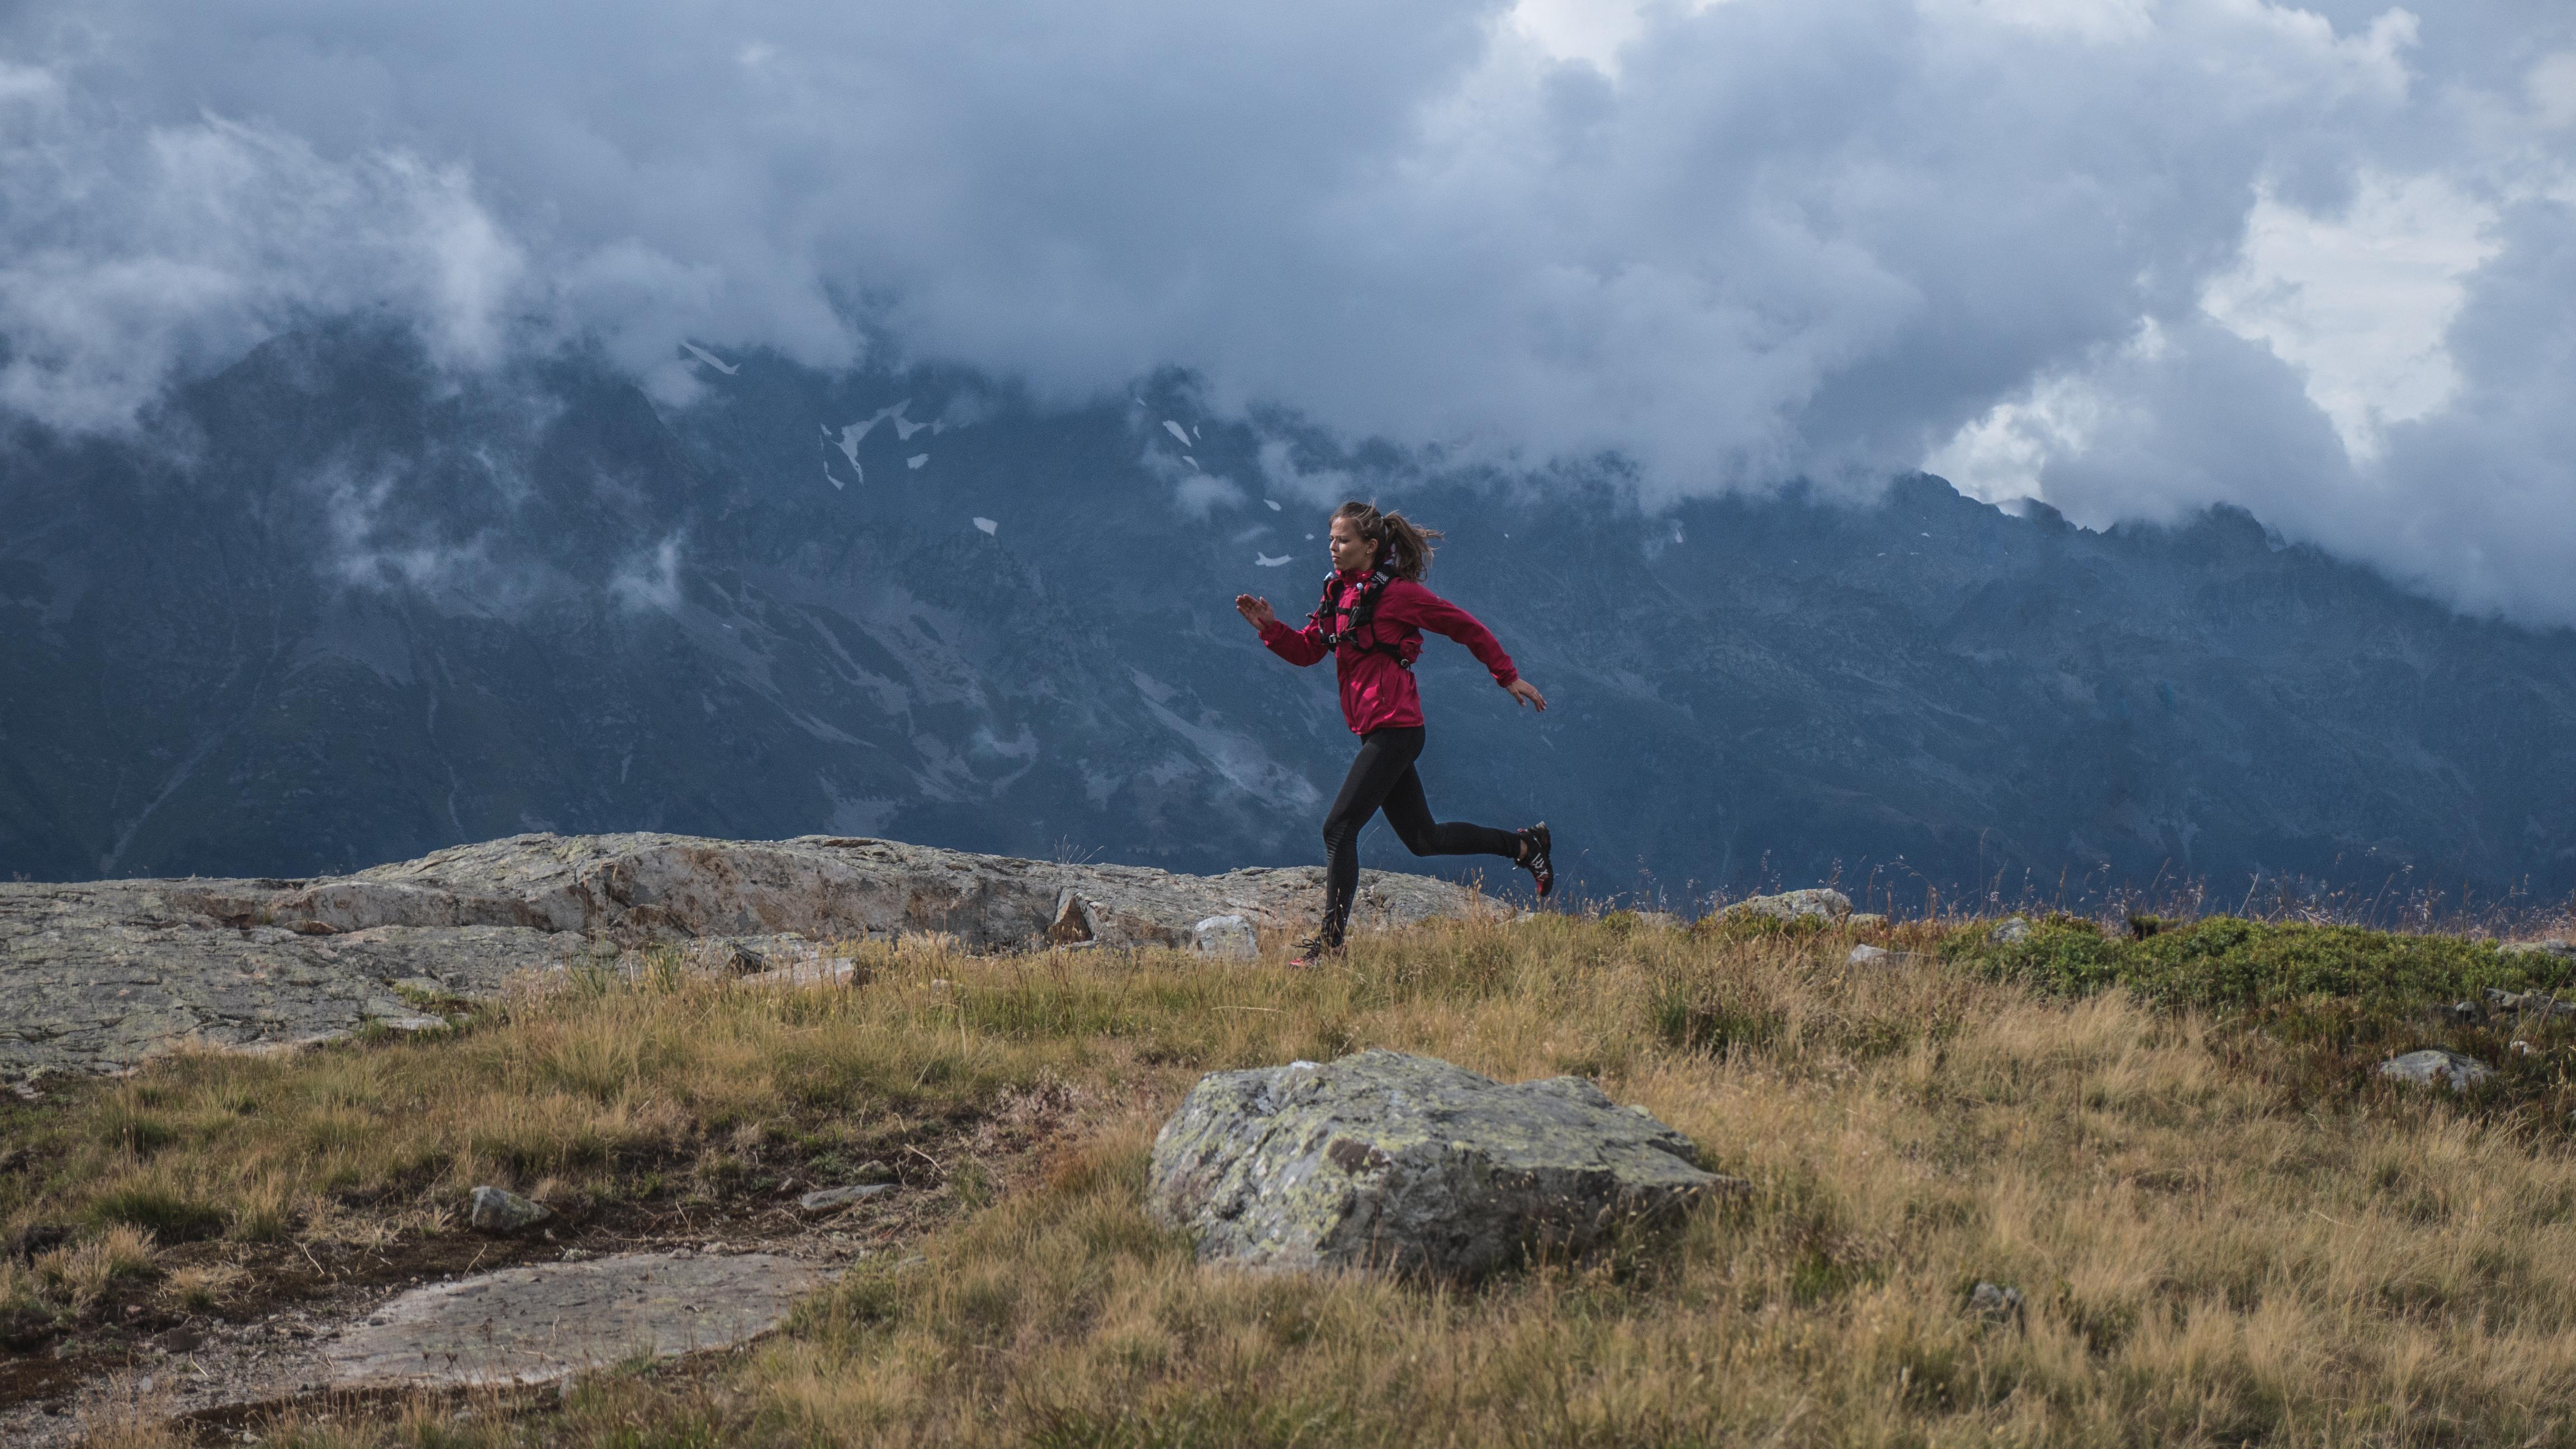 6f4aab90ed91b ... de s équiper d une bonne veste protectrice pour aller courir en  montagne et affronter les sentiers en sécurité ! La veste Top Extrême de  Raidlight est ...